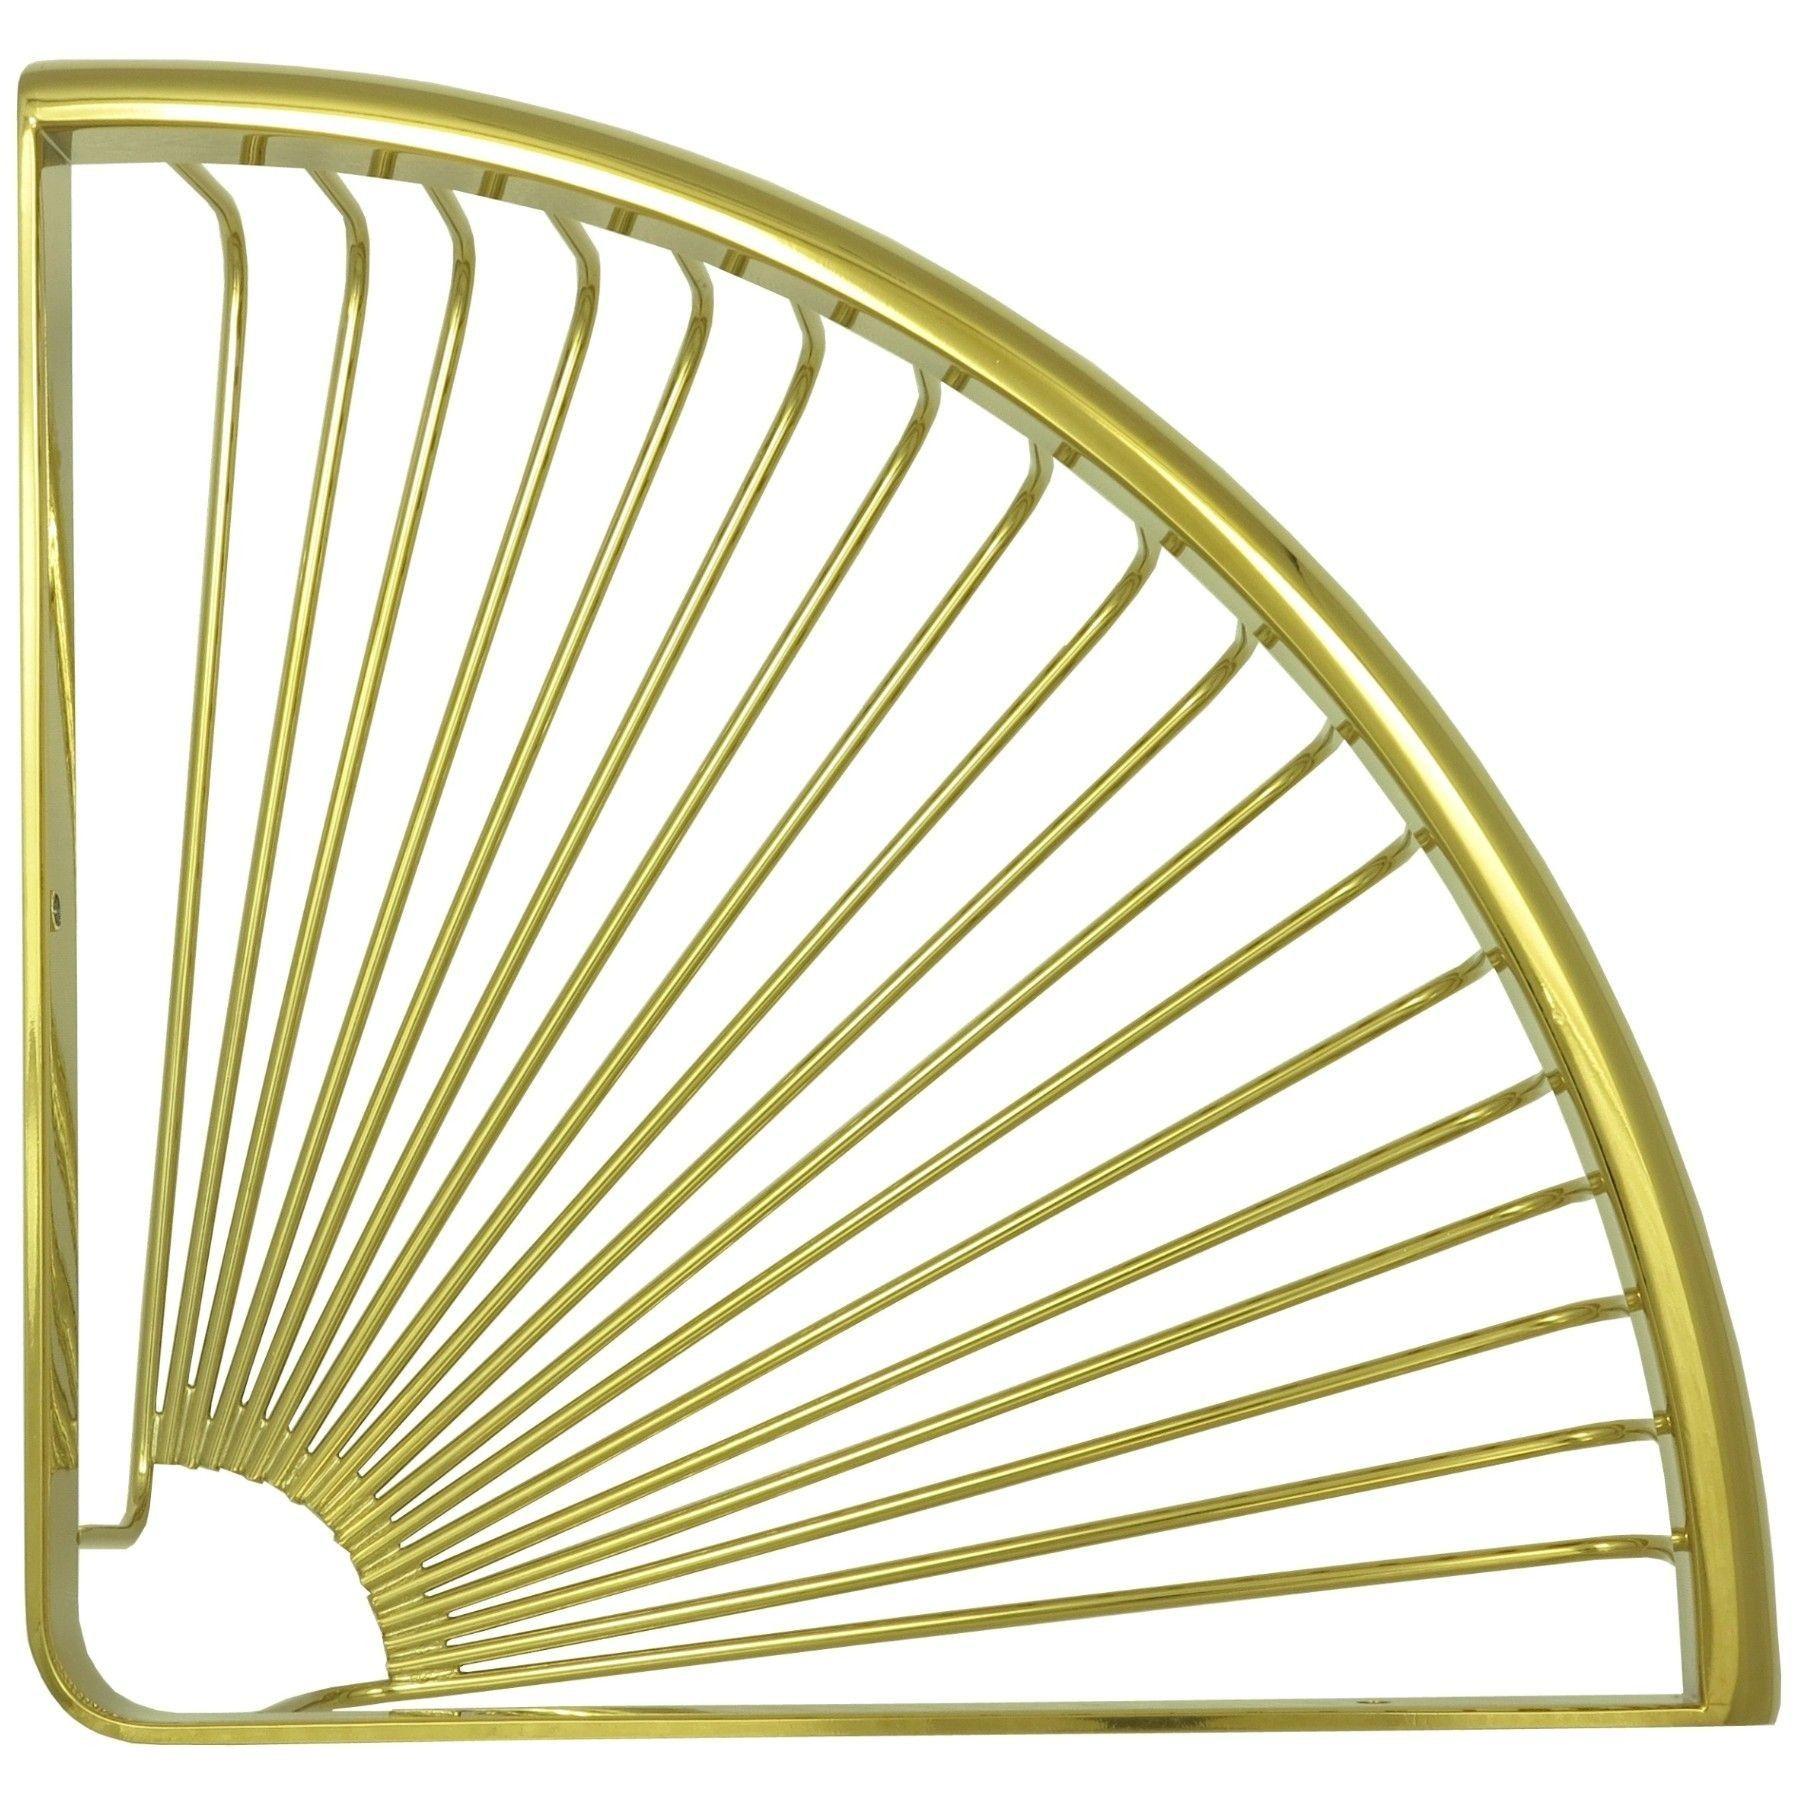 eckregal h ngeregal bad duschablage badregal duschregal duschkorb eckablage gold ebay. Black Bedroom Furniture Sets. Home Design Ideas